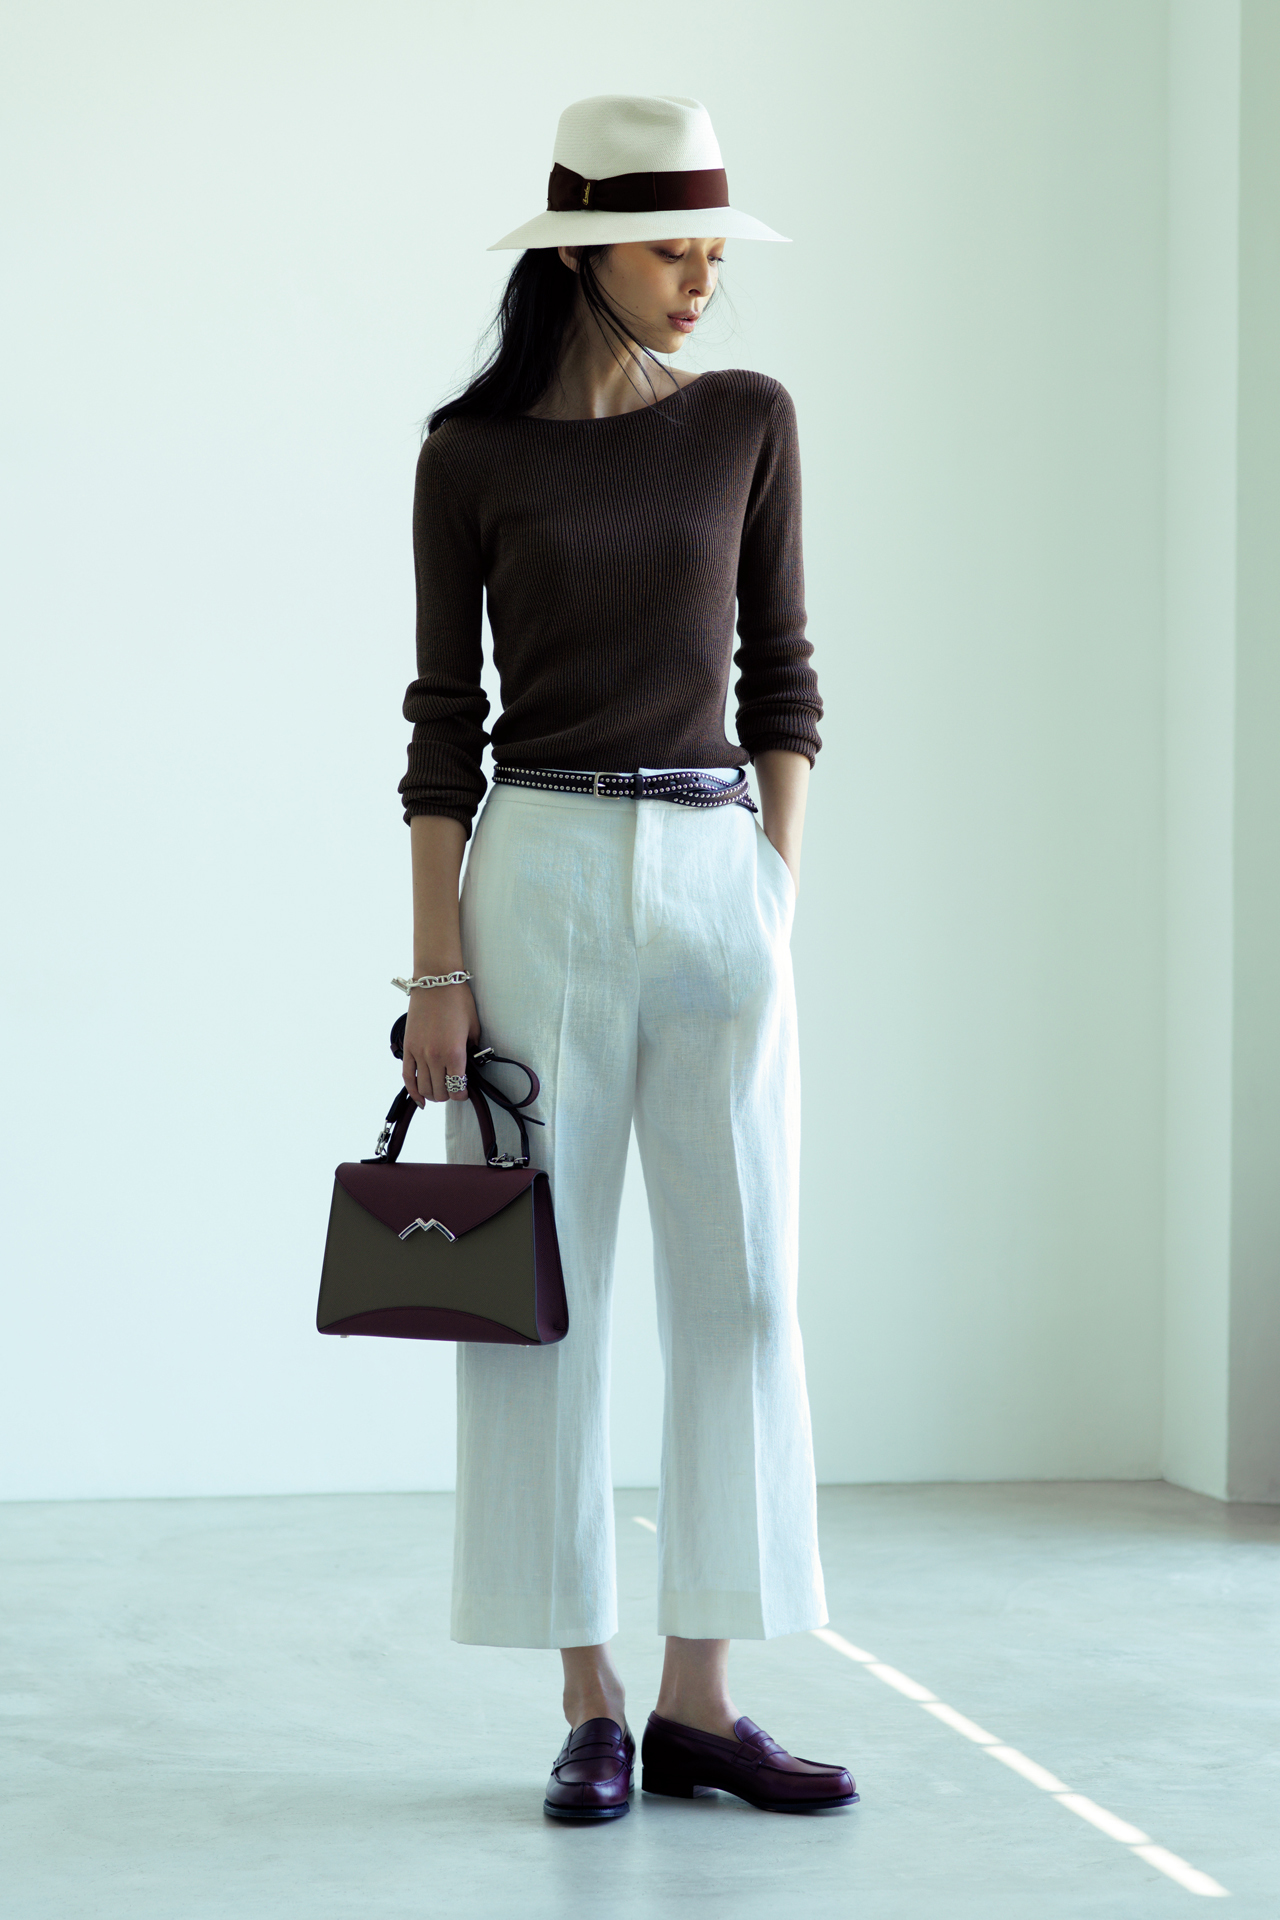 バッグは「きれいめ」、靴はフラットで「ハズす」 TOKYOベーシックスタイル_1_1-1